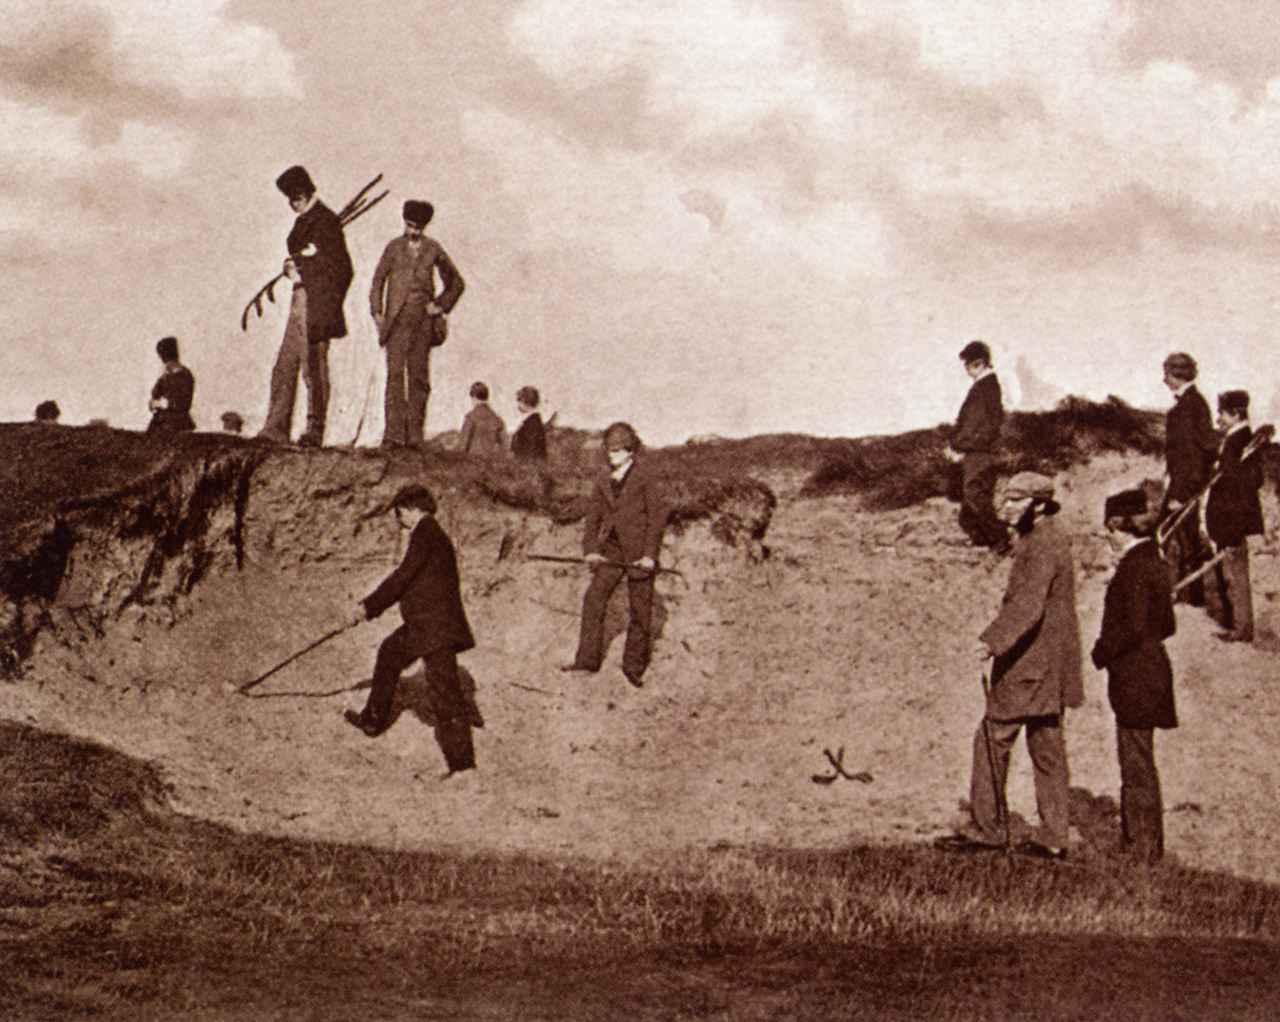 画像5: 【ゴルフ場クイズ】神が創った18ホール。聖地セントアンドリュース「18の謎」を解く! ゴーイングアウト編